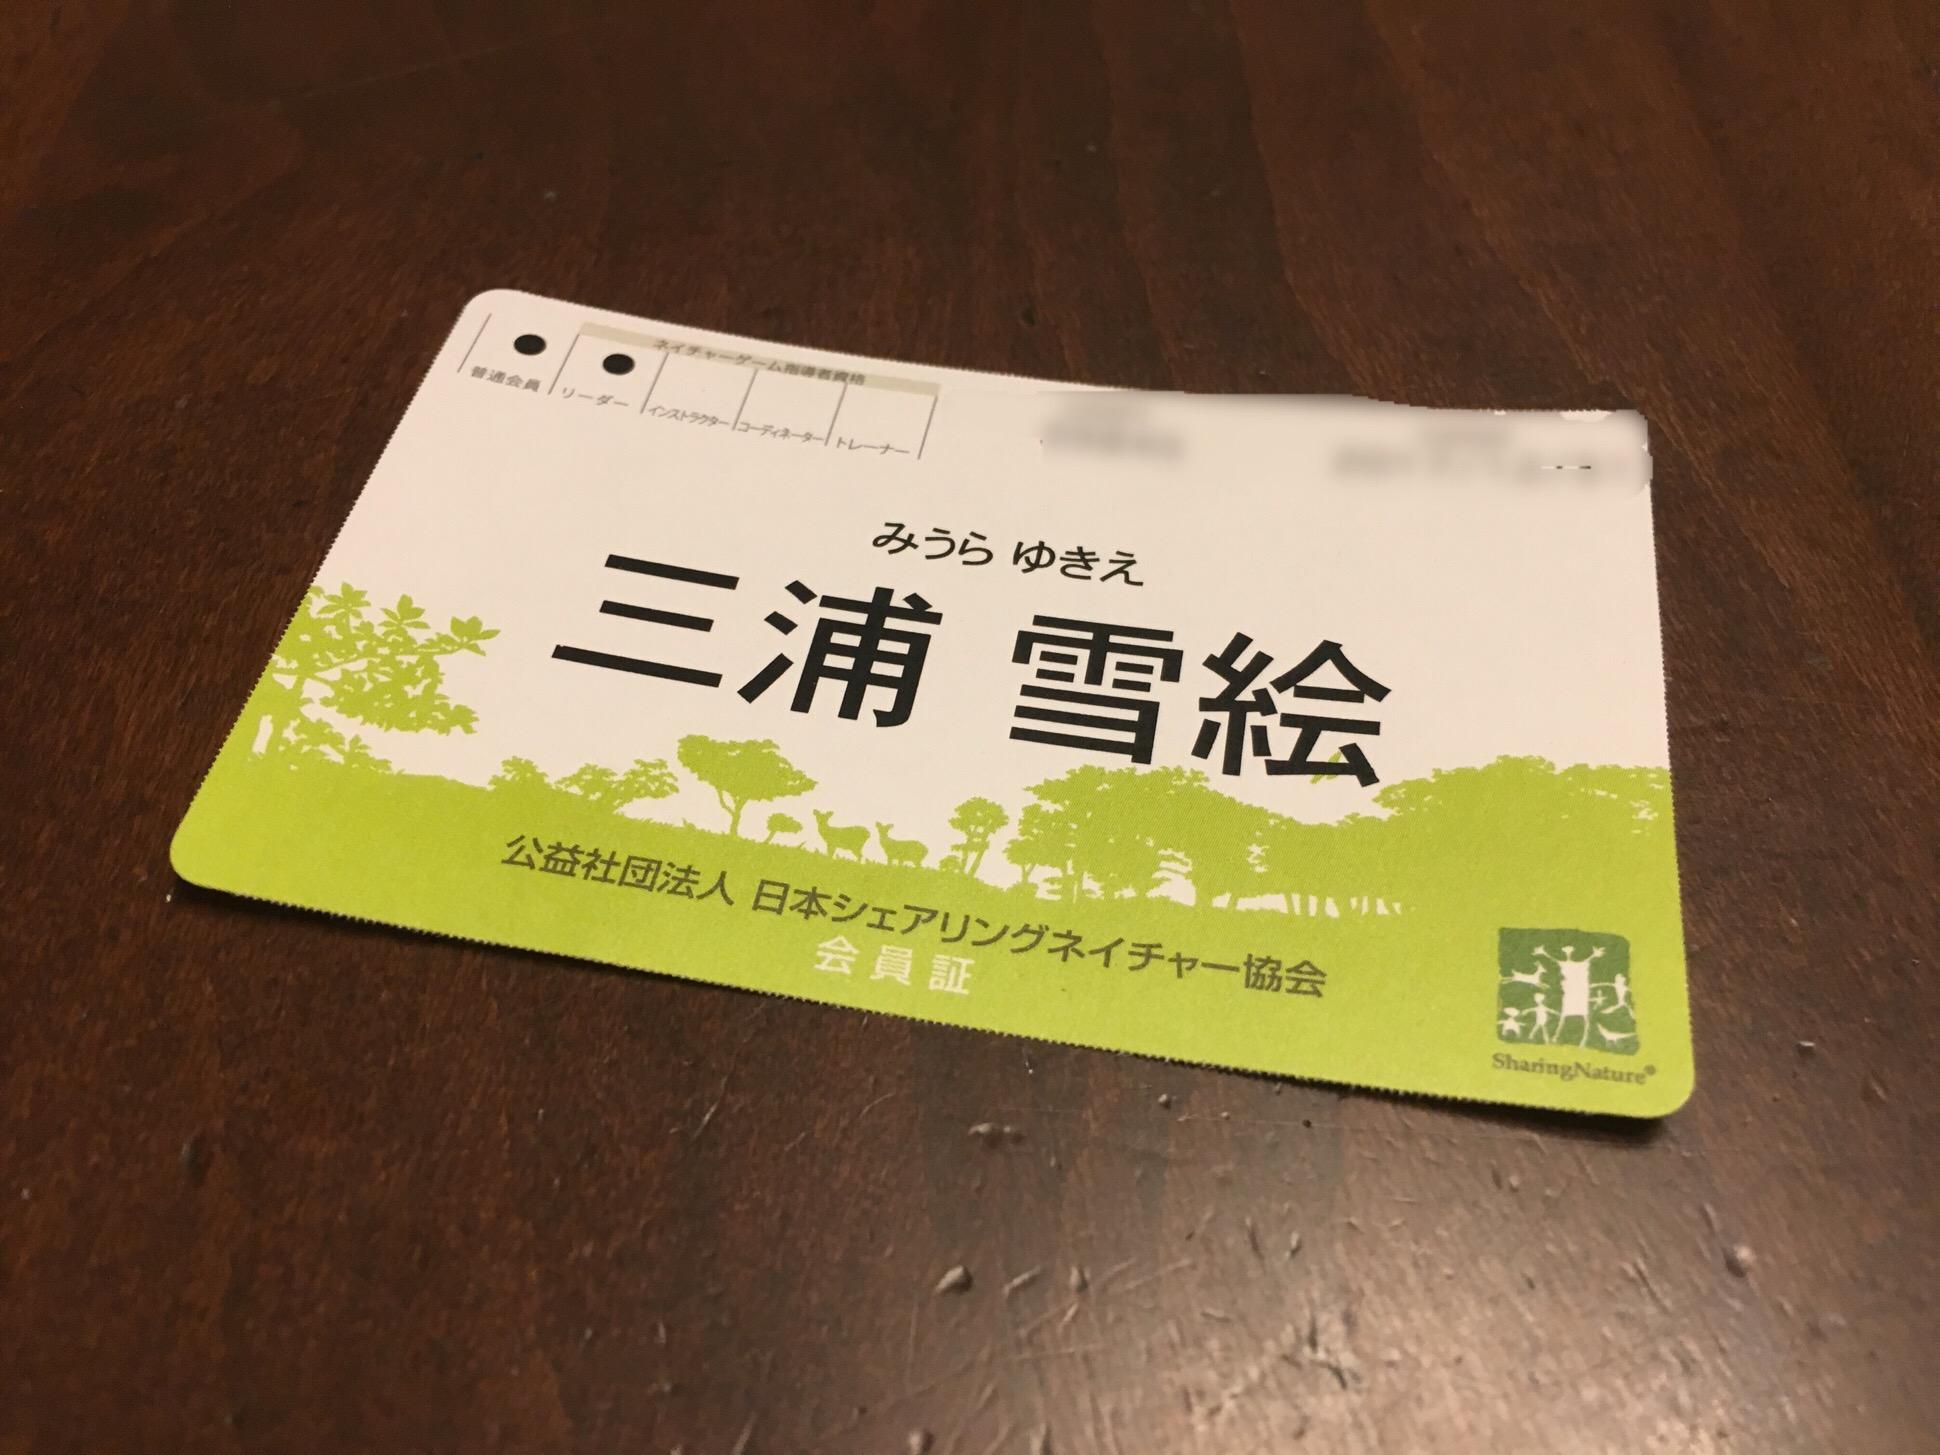 日本シェアリングネイチャー協会...